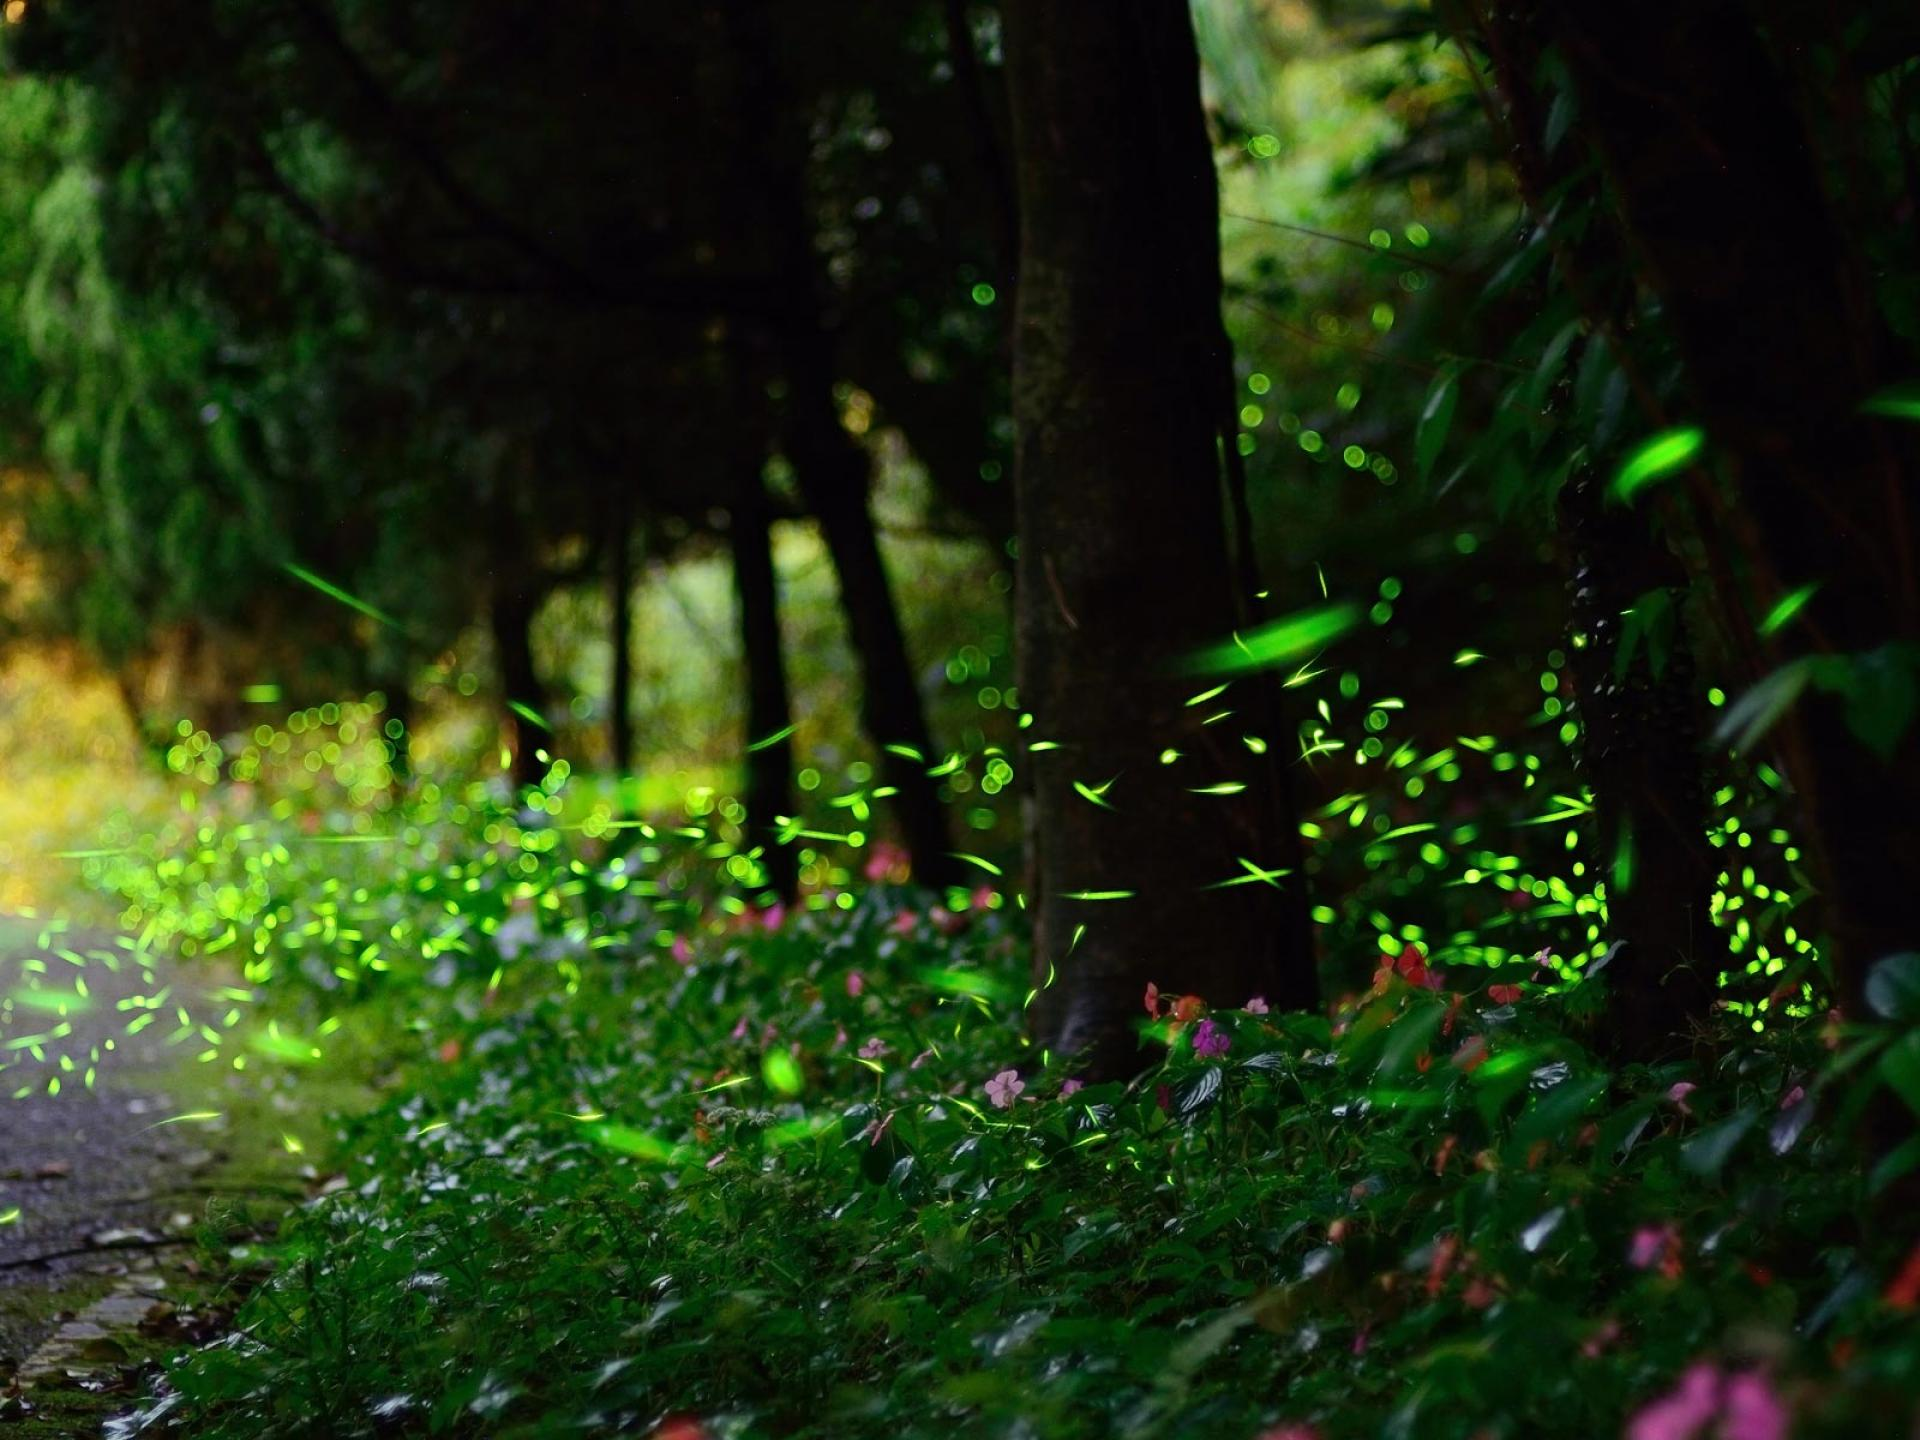 Fireflies Forest Wallpaper